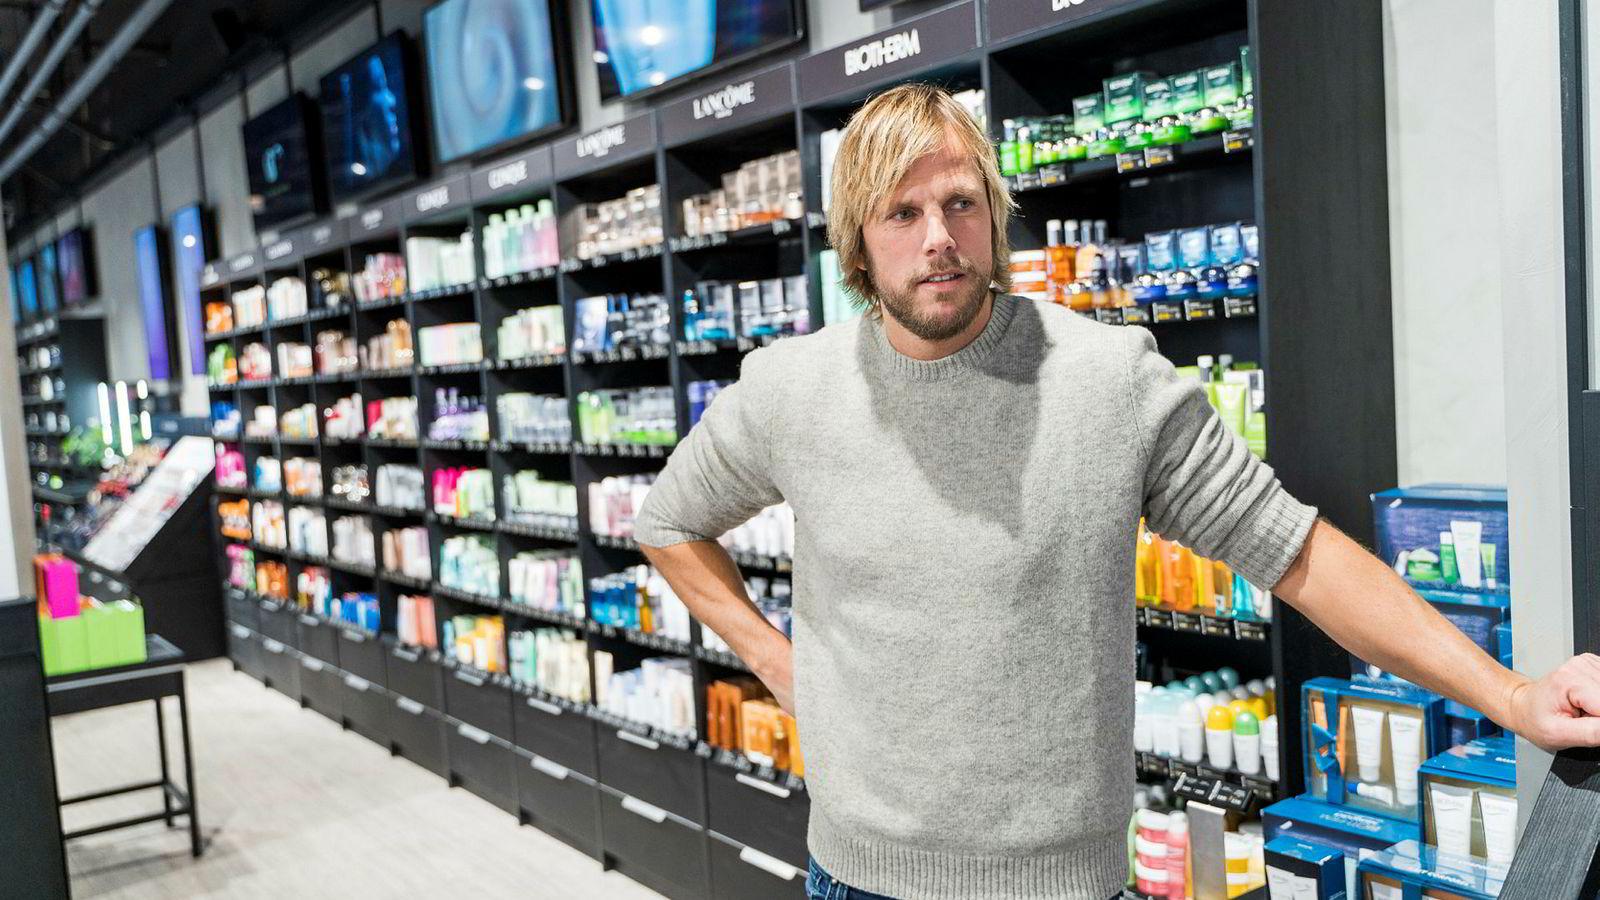 Einar Øgrey Brandsdal har gjort stor økonomisk suksess med nettsalg av sminke, sjampo og skjønnhetsprodukter i Blivakker. I hjembyen Kristiansand er han blitt en kontroversiell figur for sitt engasjement i Sørlandsnyhetene.